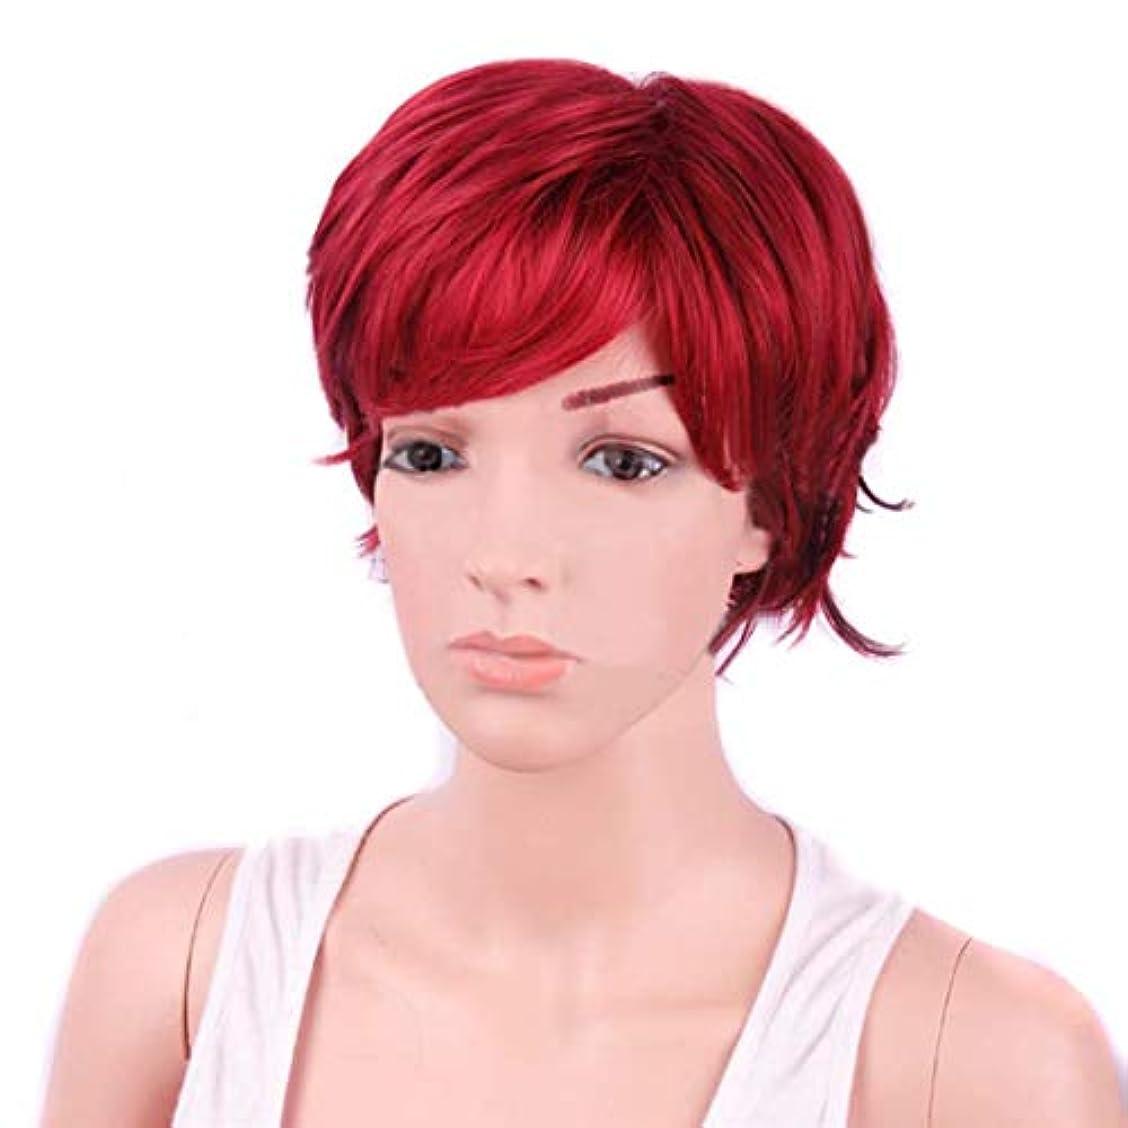 チキン眠っている強制YOUQIU 女性の耐熱ウィッグ12インチ/部分斜め前髪ウィッグウィッグで9inchショートテクスチャ部分かつらのためにボボかつら (色 : ワインレッド)